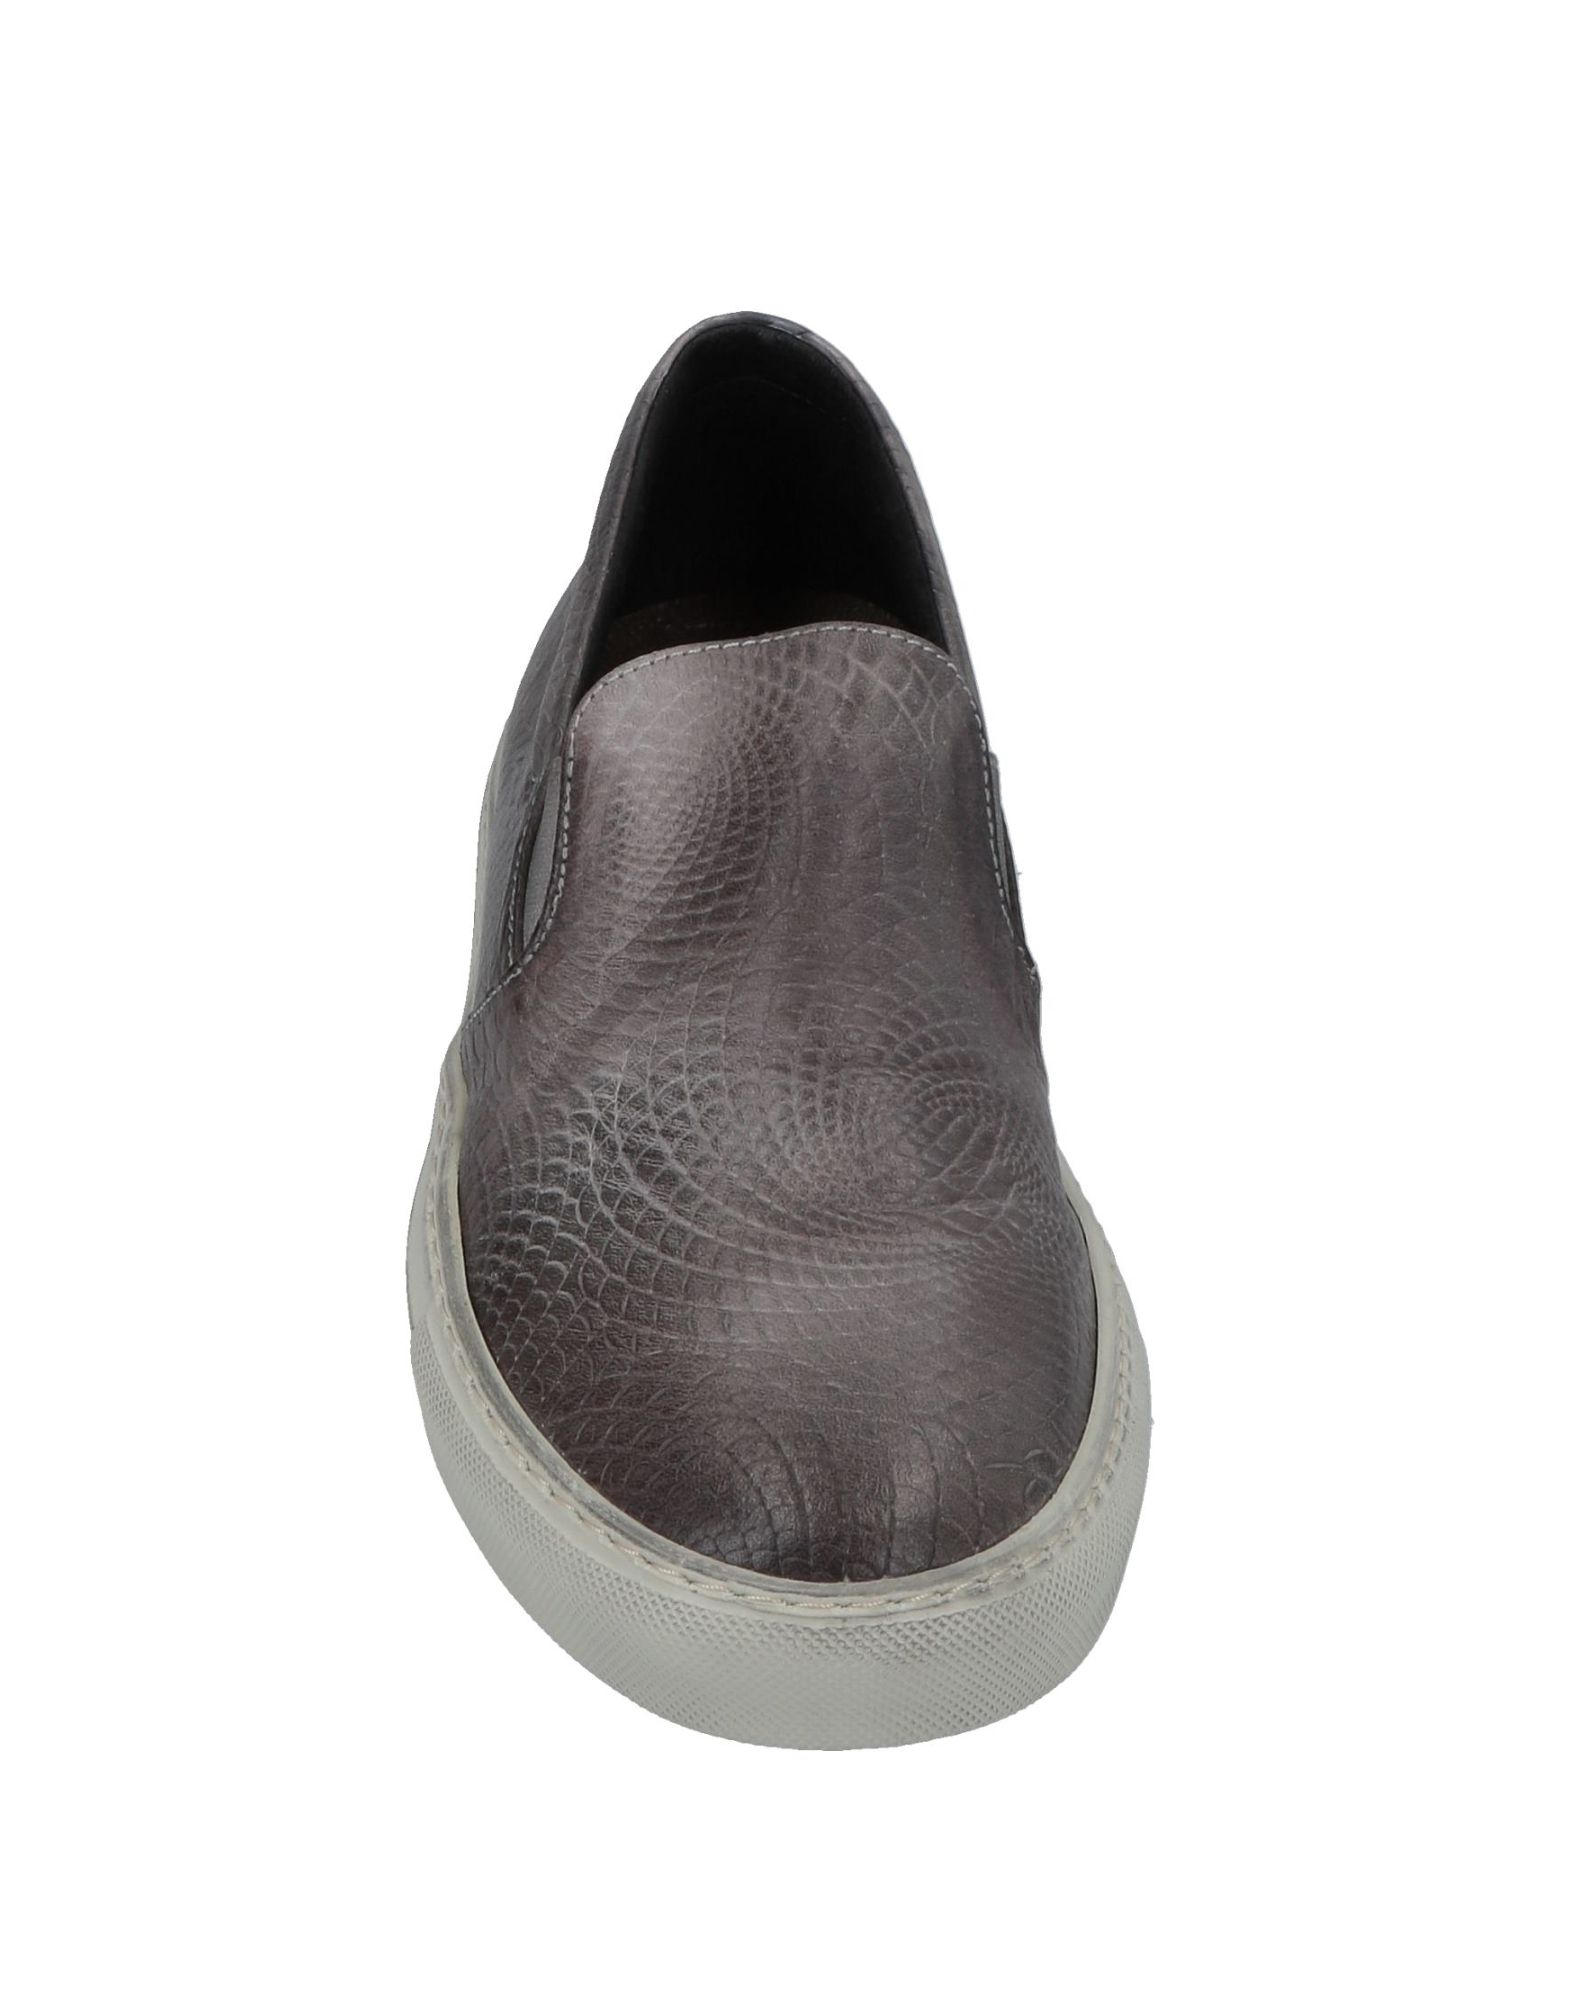 Pawelk's Pawelk's Pawelk's Sneakers Herren Gutes Preis-Leistungs-Verhältnis, es lohnt sich 0f50e5